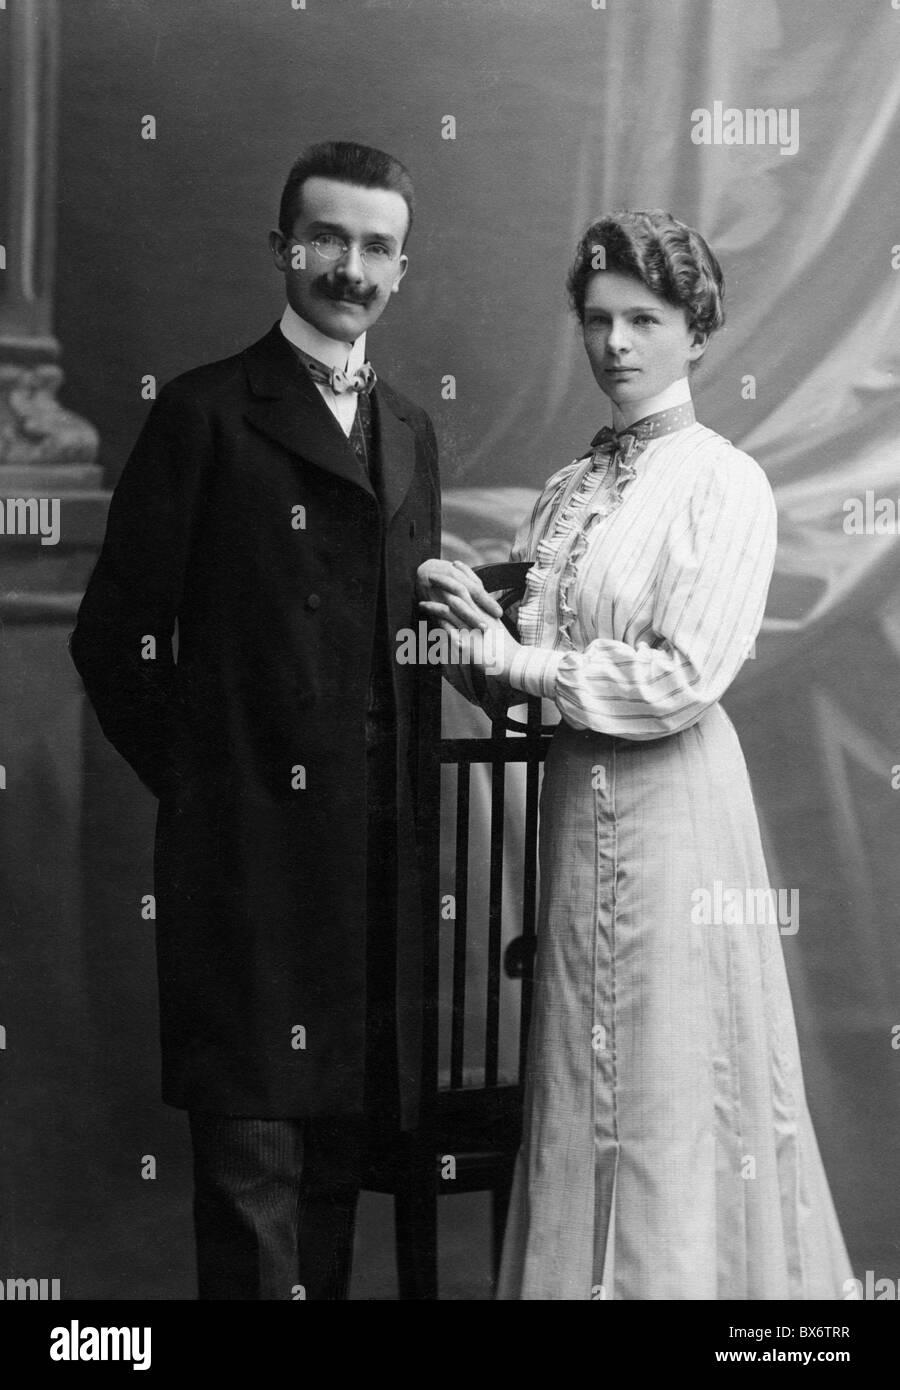 mode der 1900er jahre stockfotos und -bilder kaufen - alamy